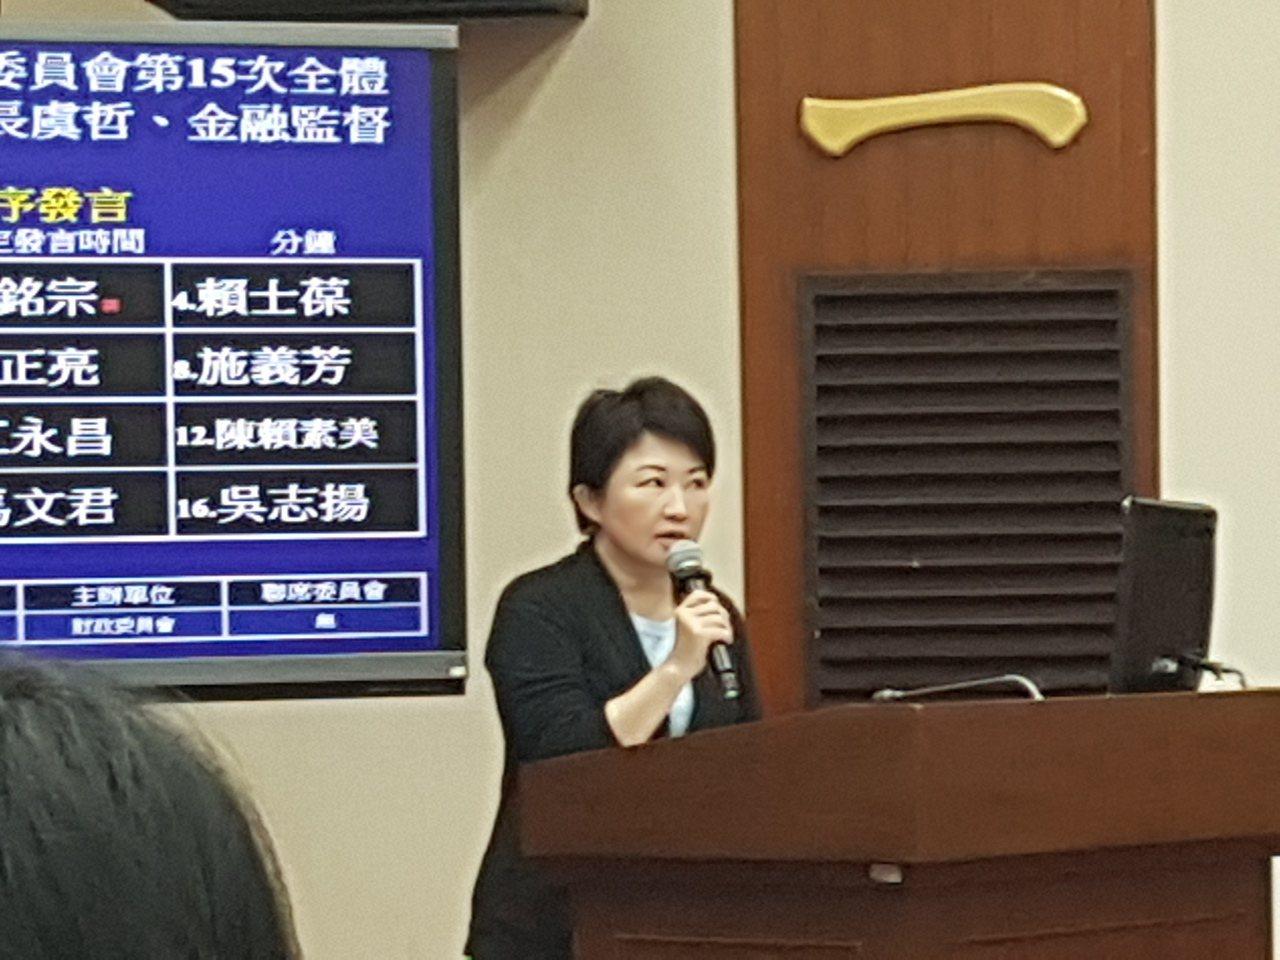 國民黨立委盧秀燕質疑,立法院區隔記者採訪,比中國大陸還不如。記者孫中英攝影。